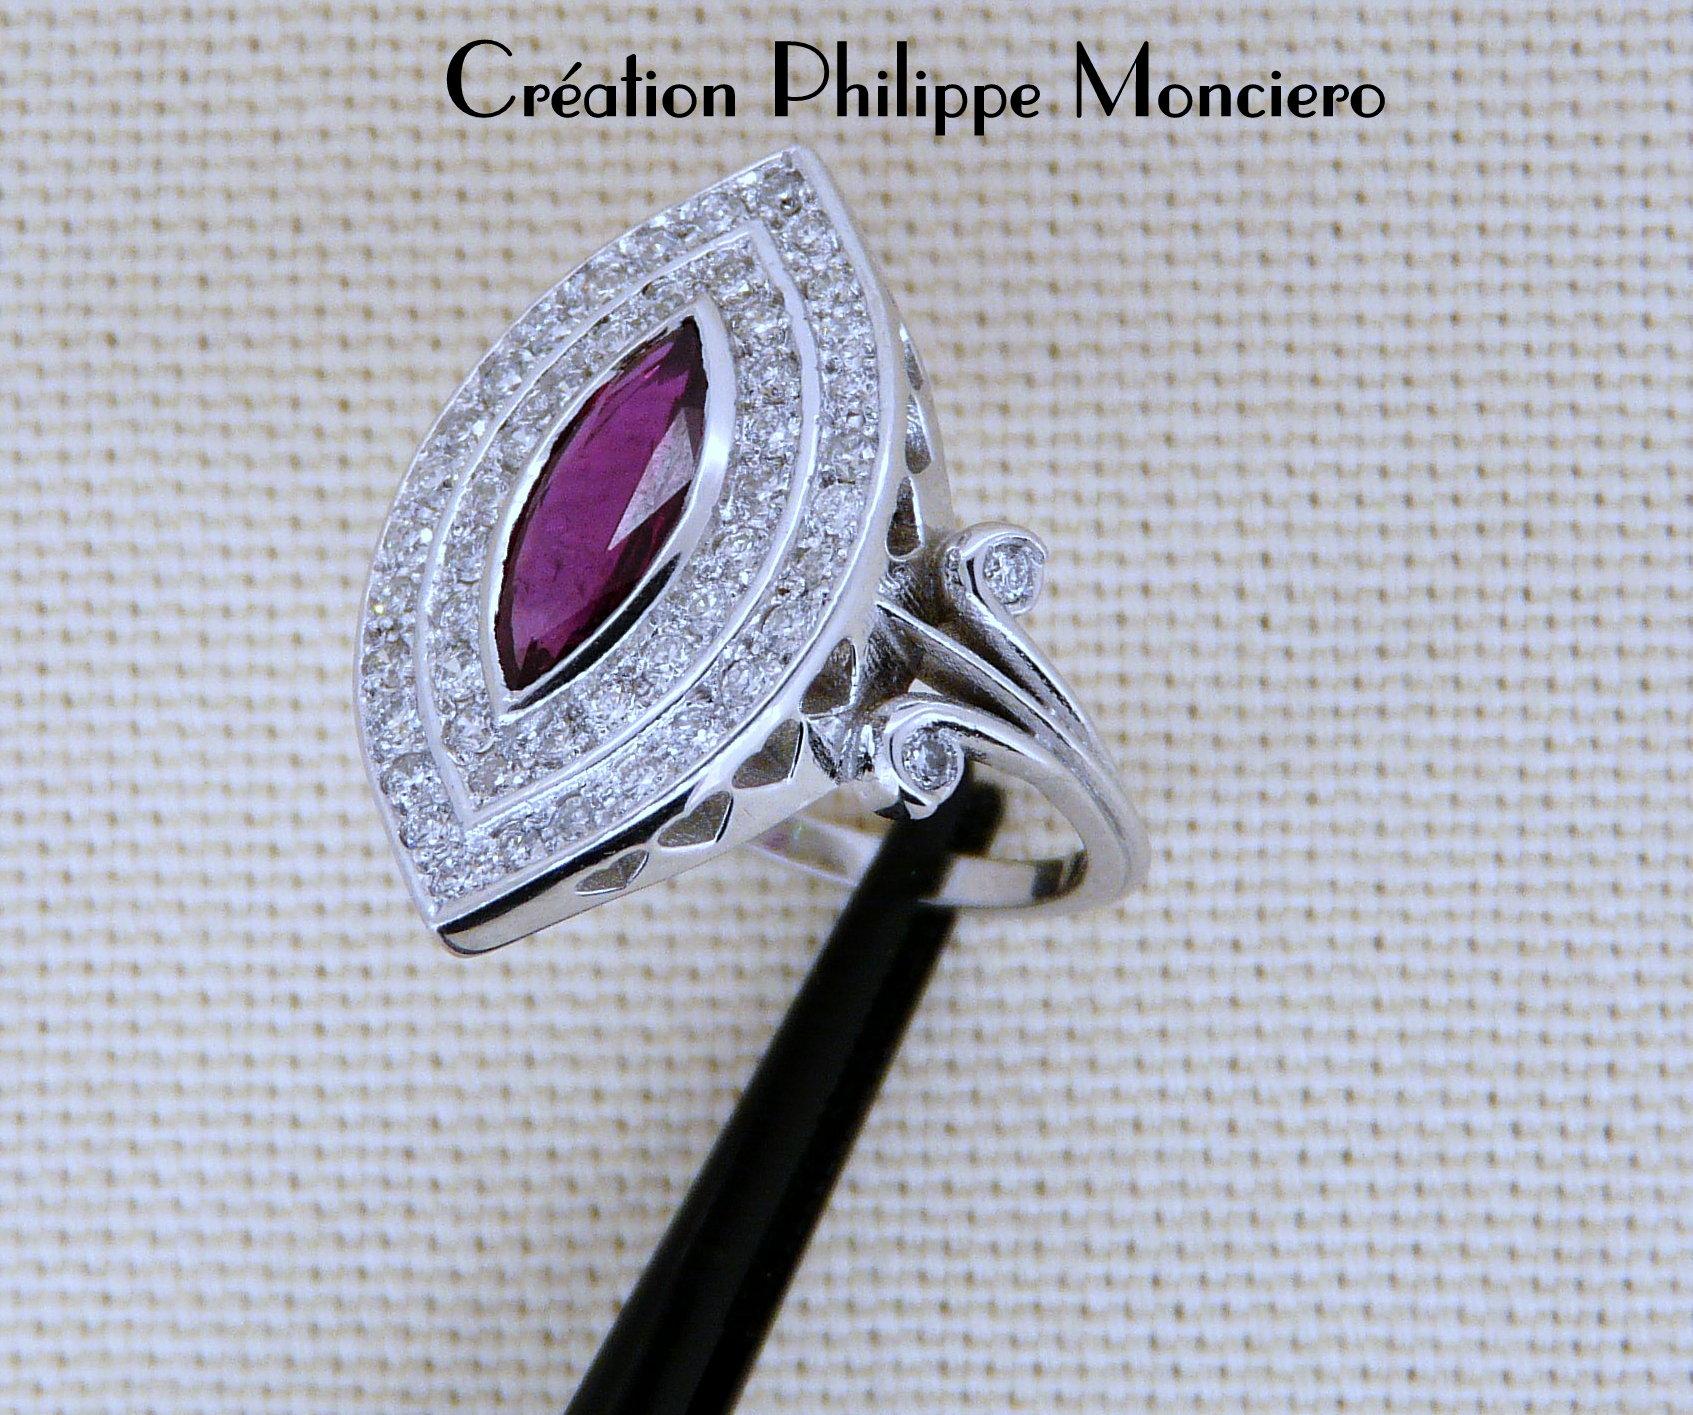 Bague marquise rubis et diamants sur or blanc. Monciero - Nîmes